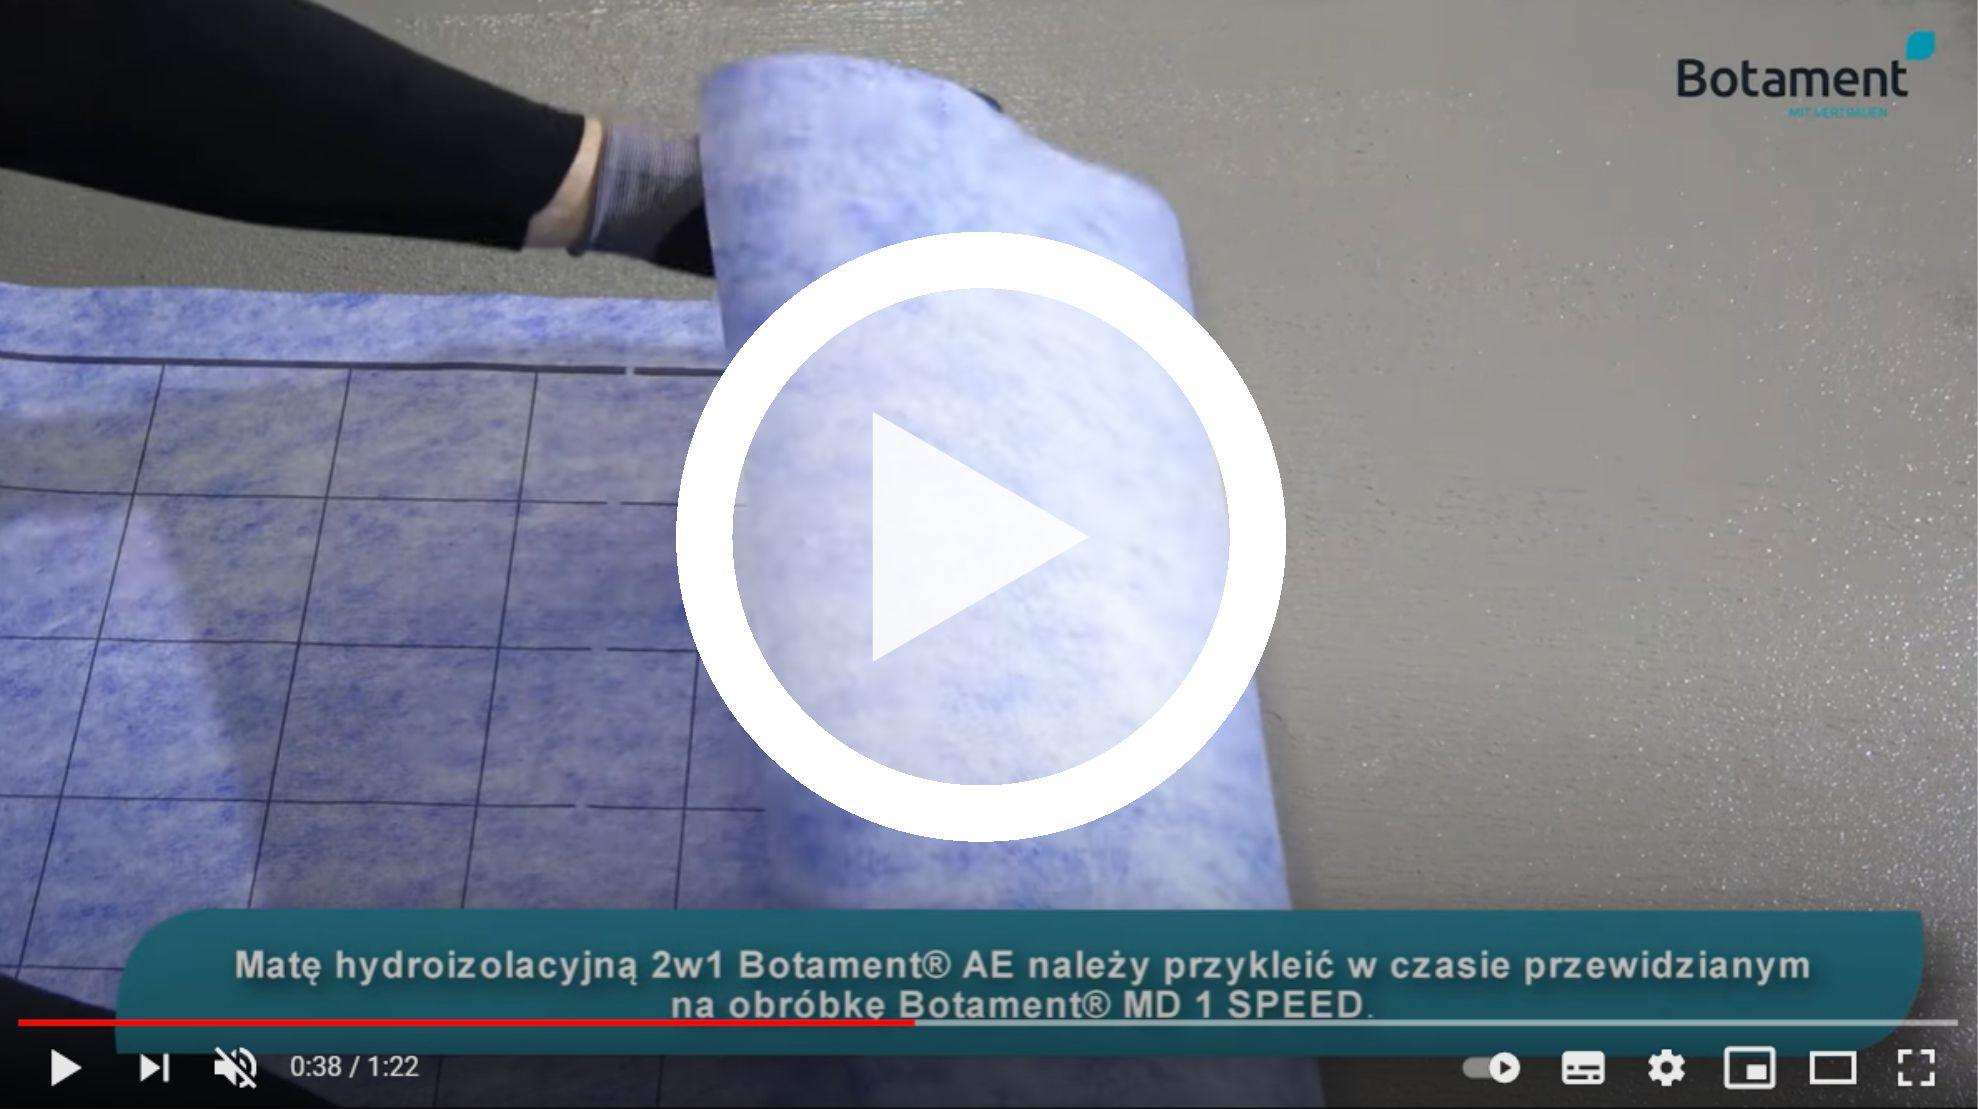 hydroizolacja-z-botament-md1-speed-instrukcja-ulozenia